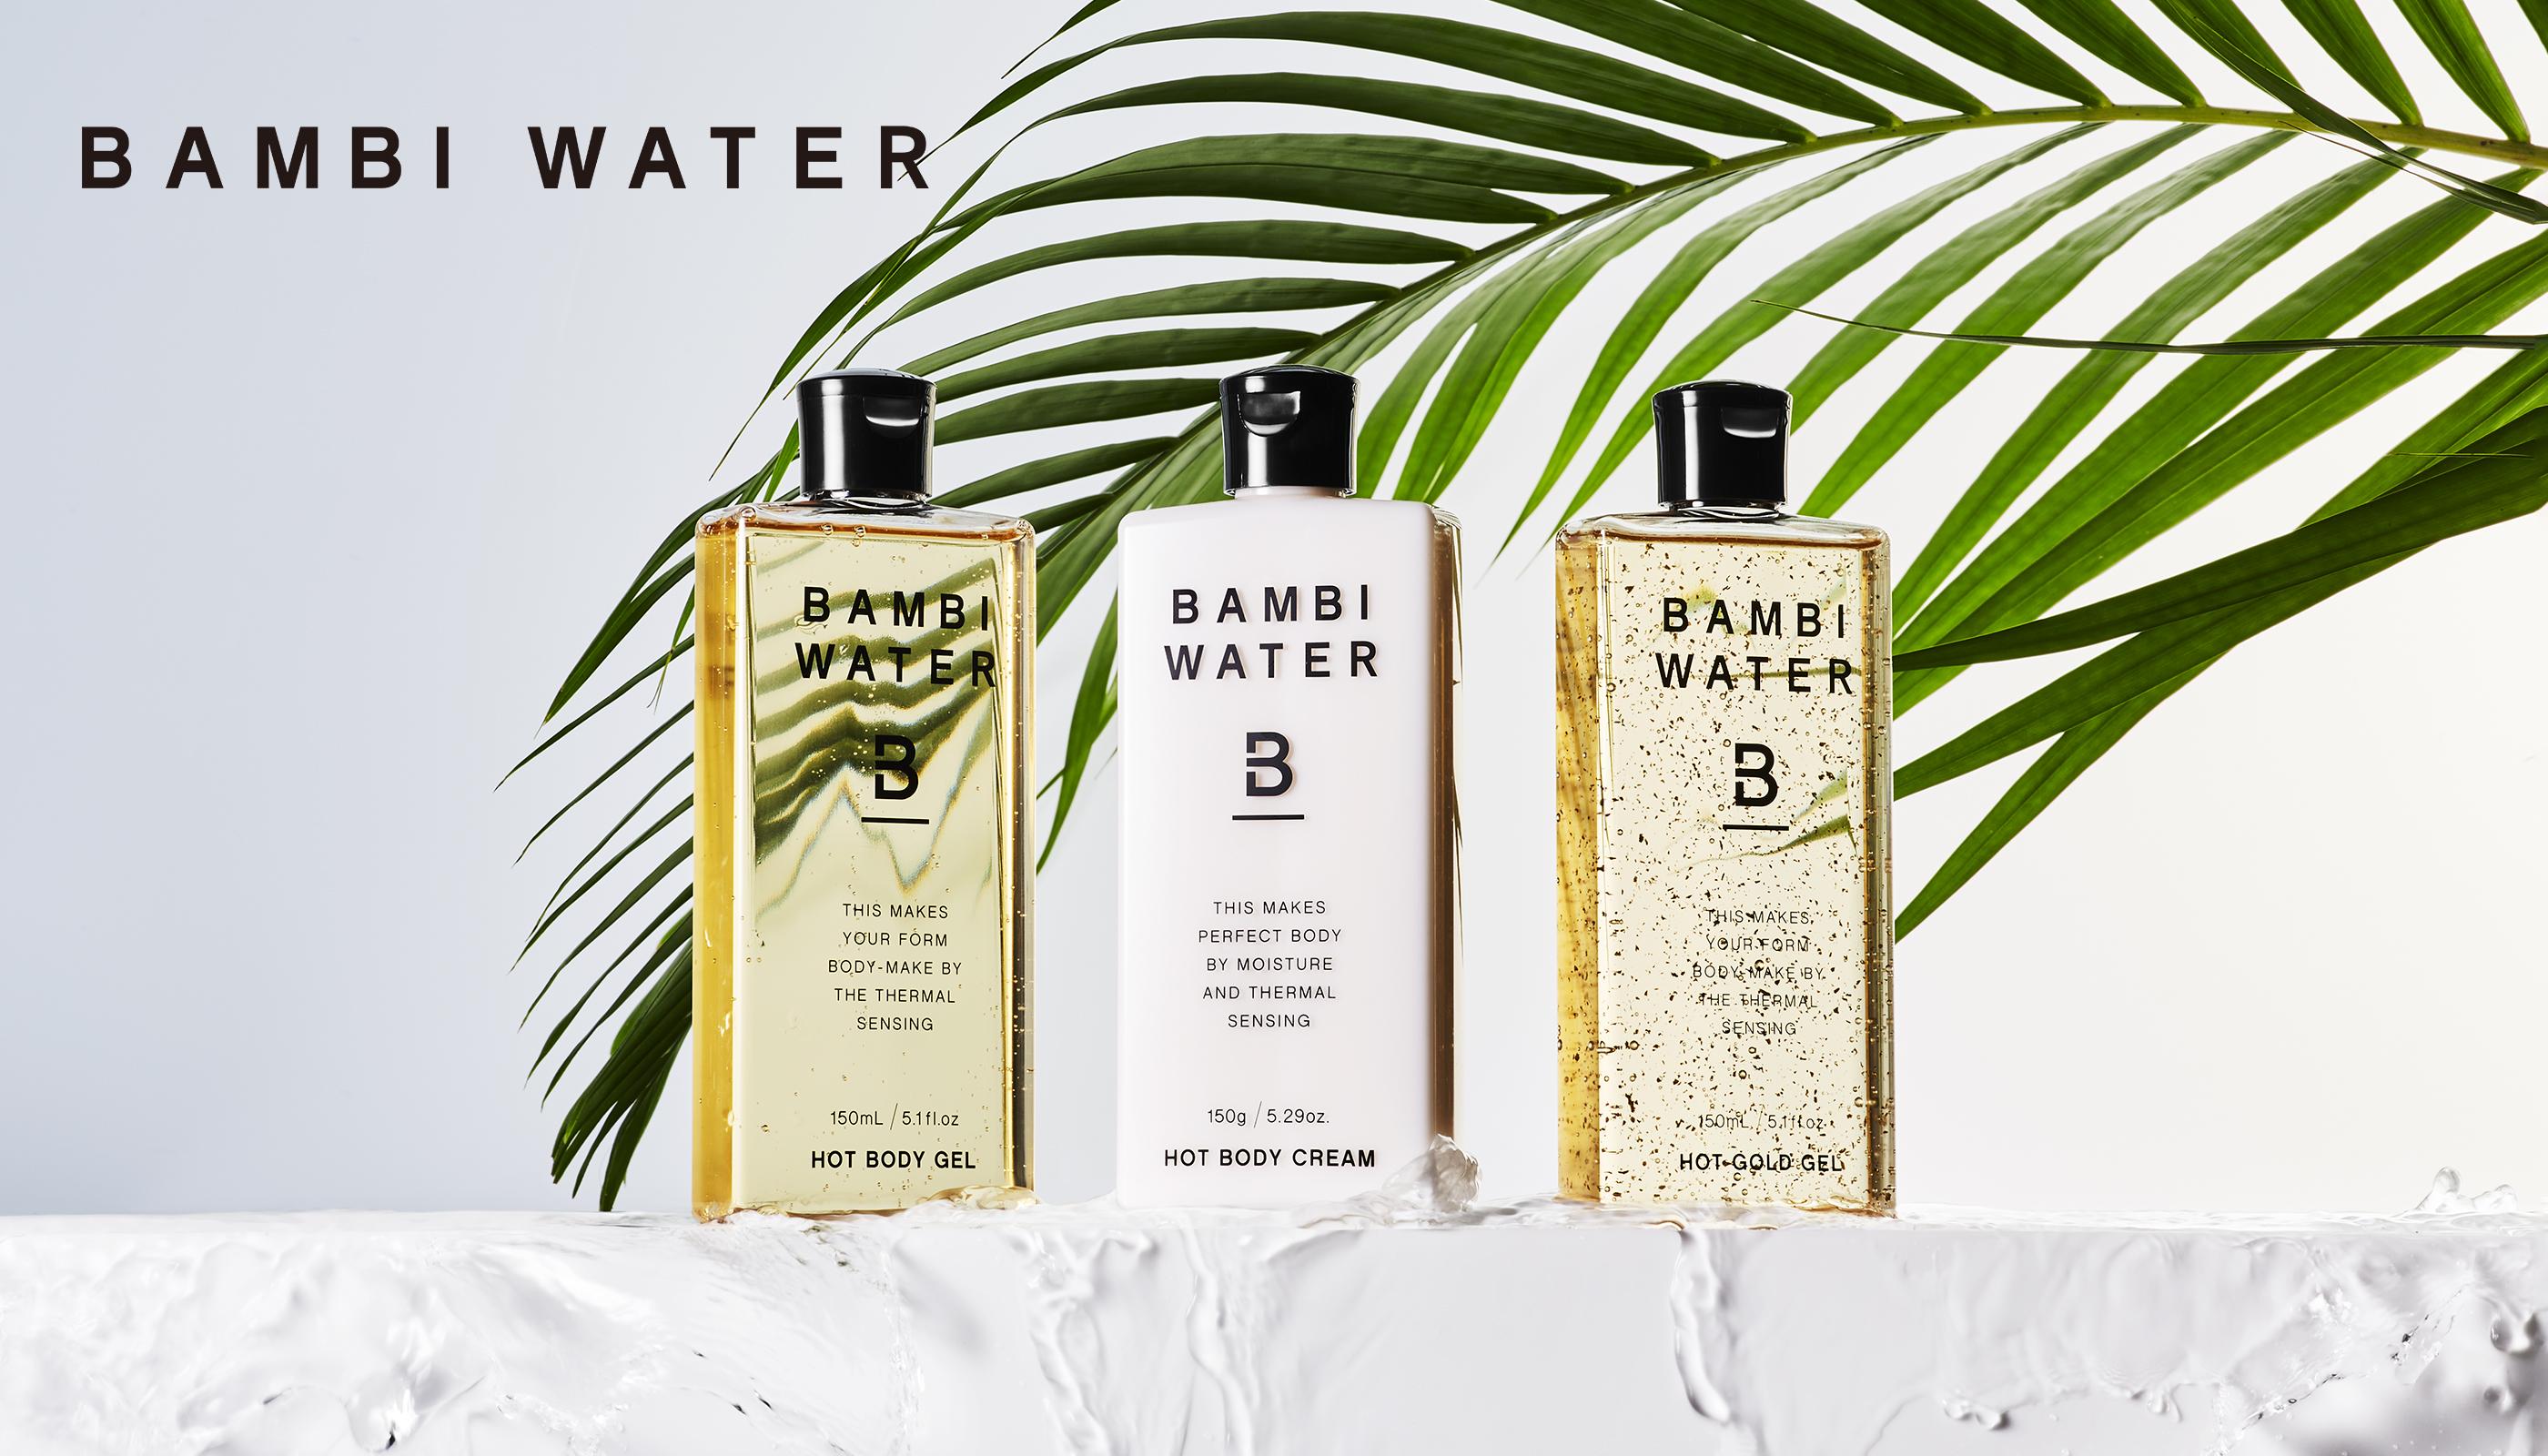 BAMBI WATER